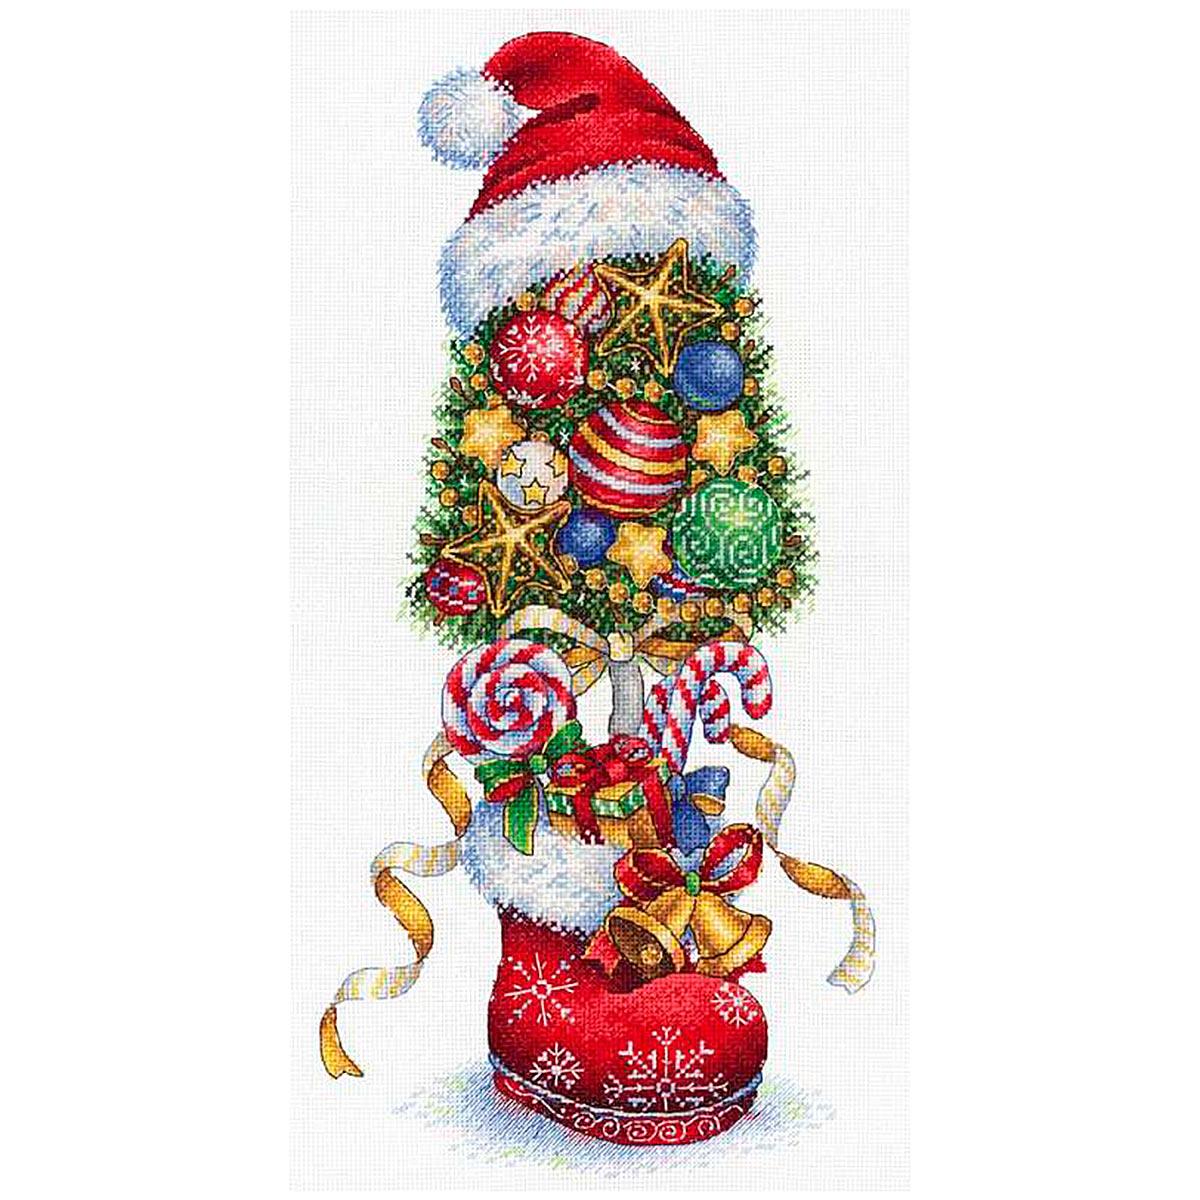 НВ-732 Набор для вышивания мулине МП Студия 'Топиарий Новогодний' 36*18 см